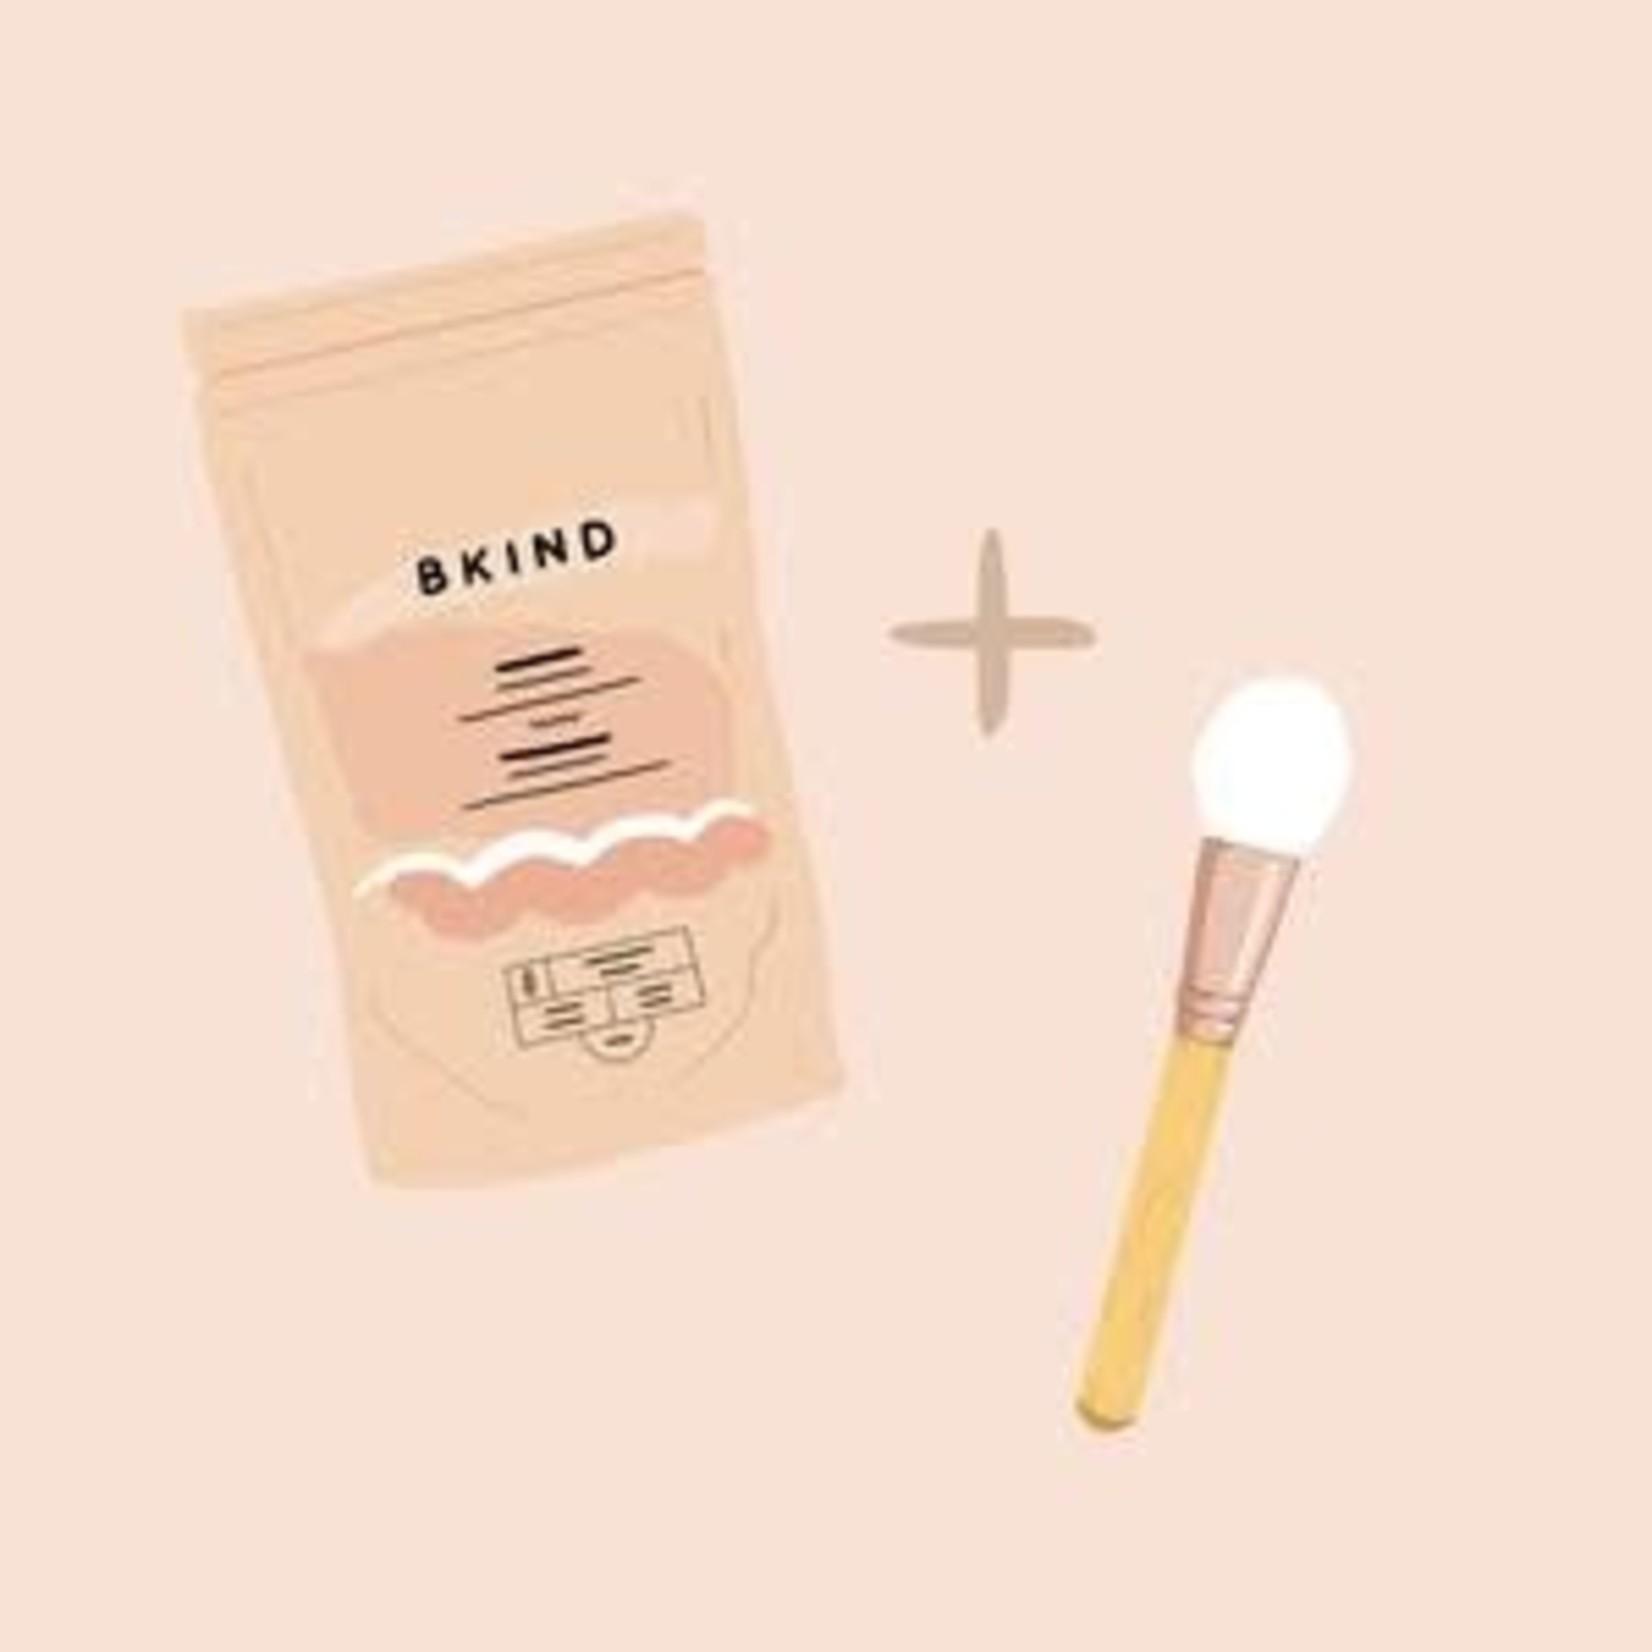 BKIND BKIND masque film hibiscus et argile rose